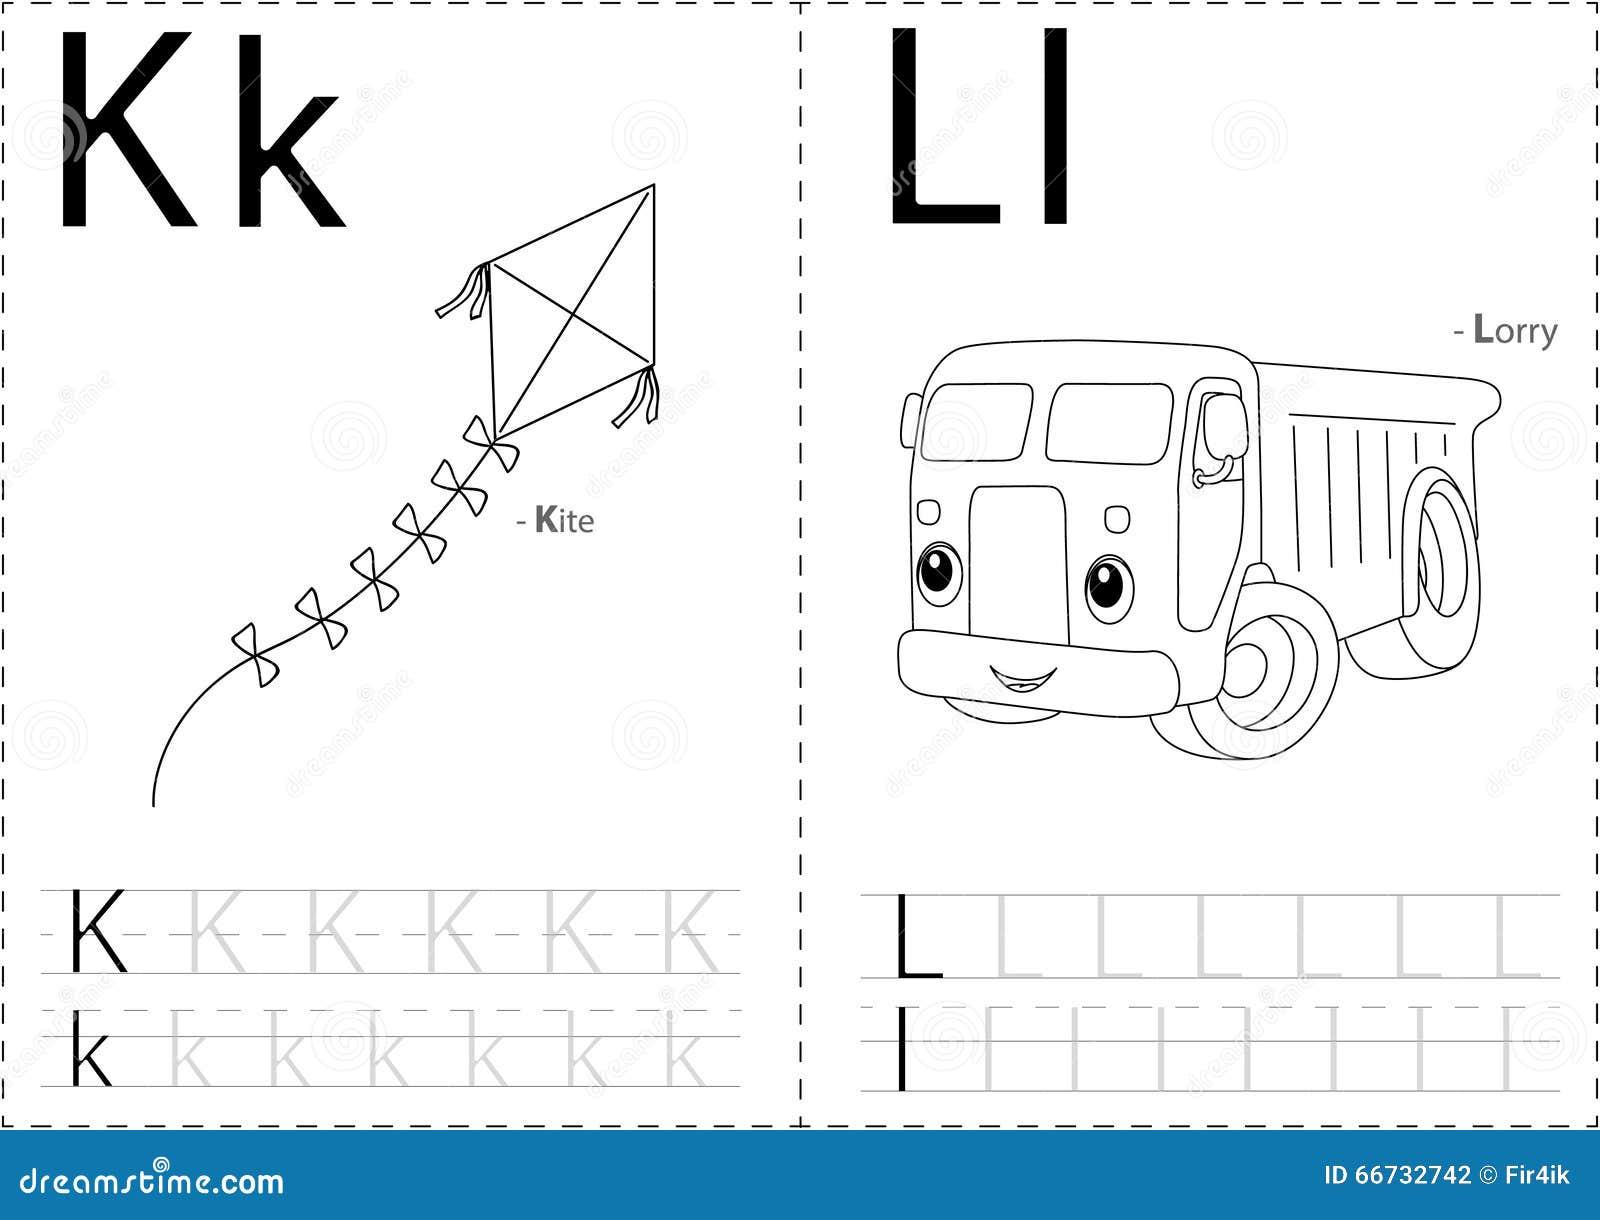 Captial Cursive Alphabet Writing